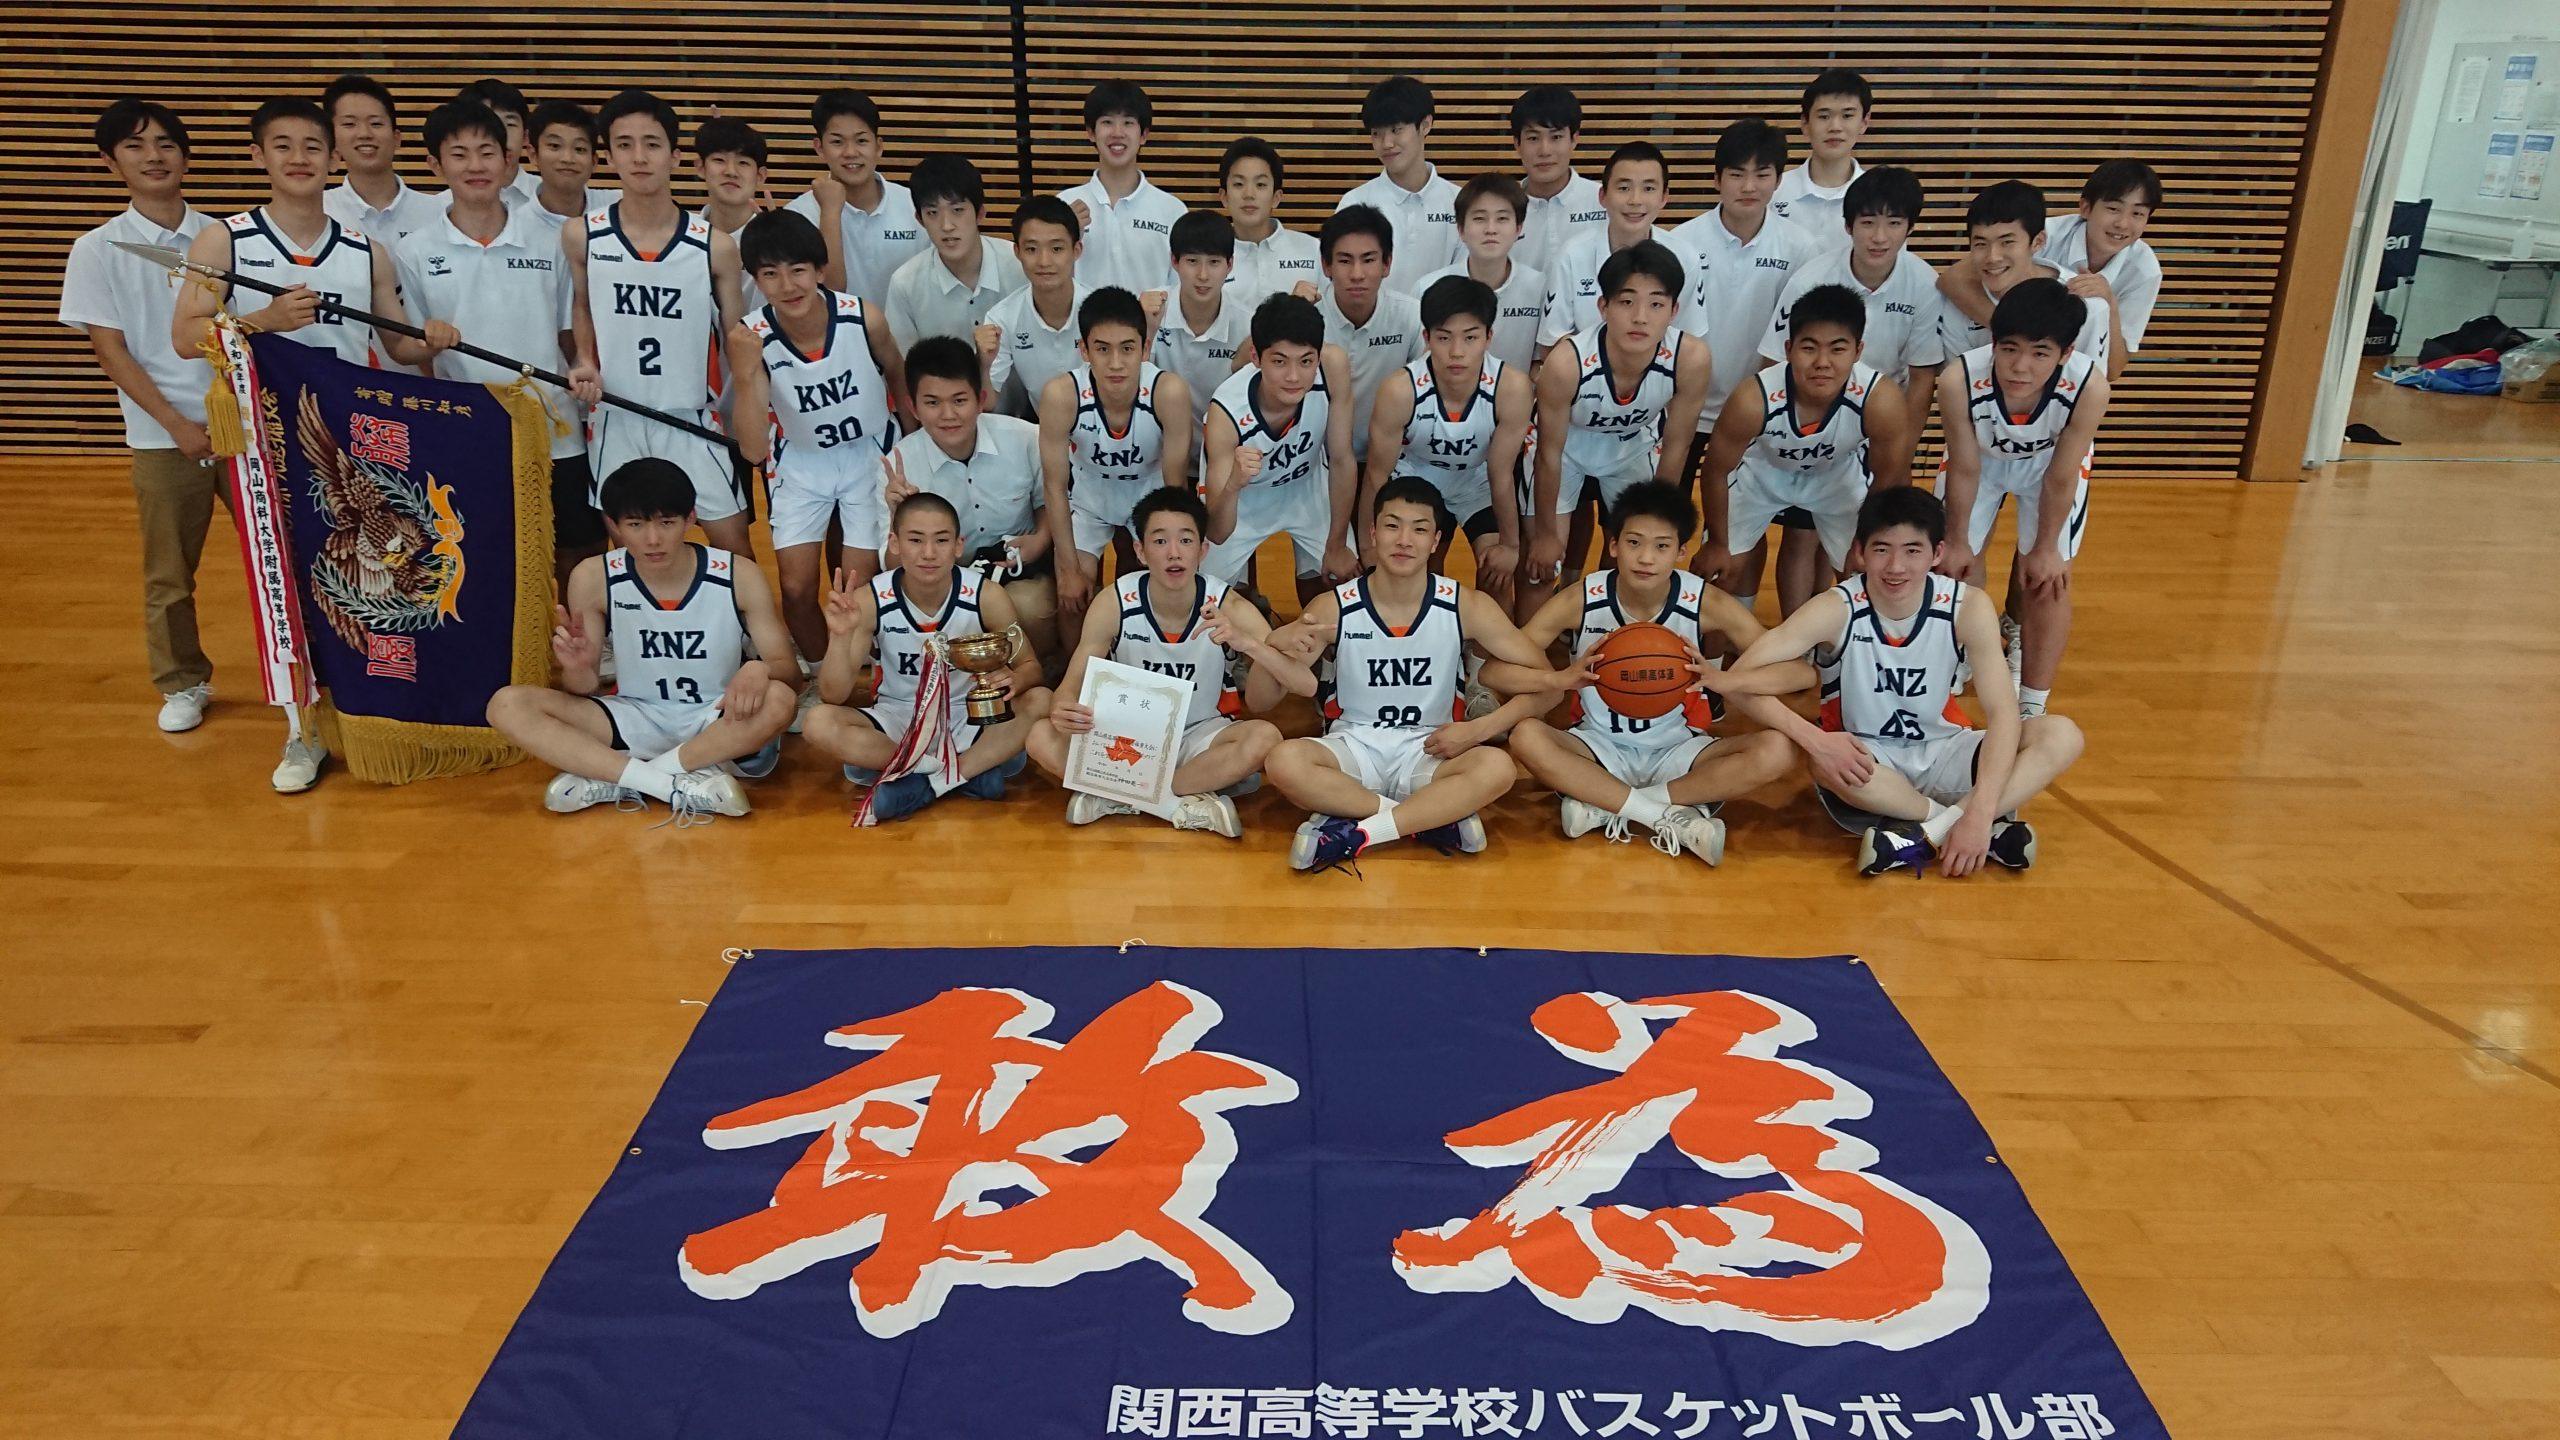 岡山県総合体育大会終了